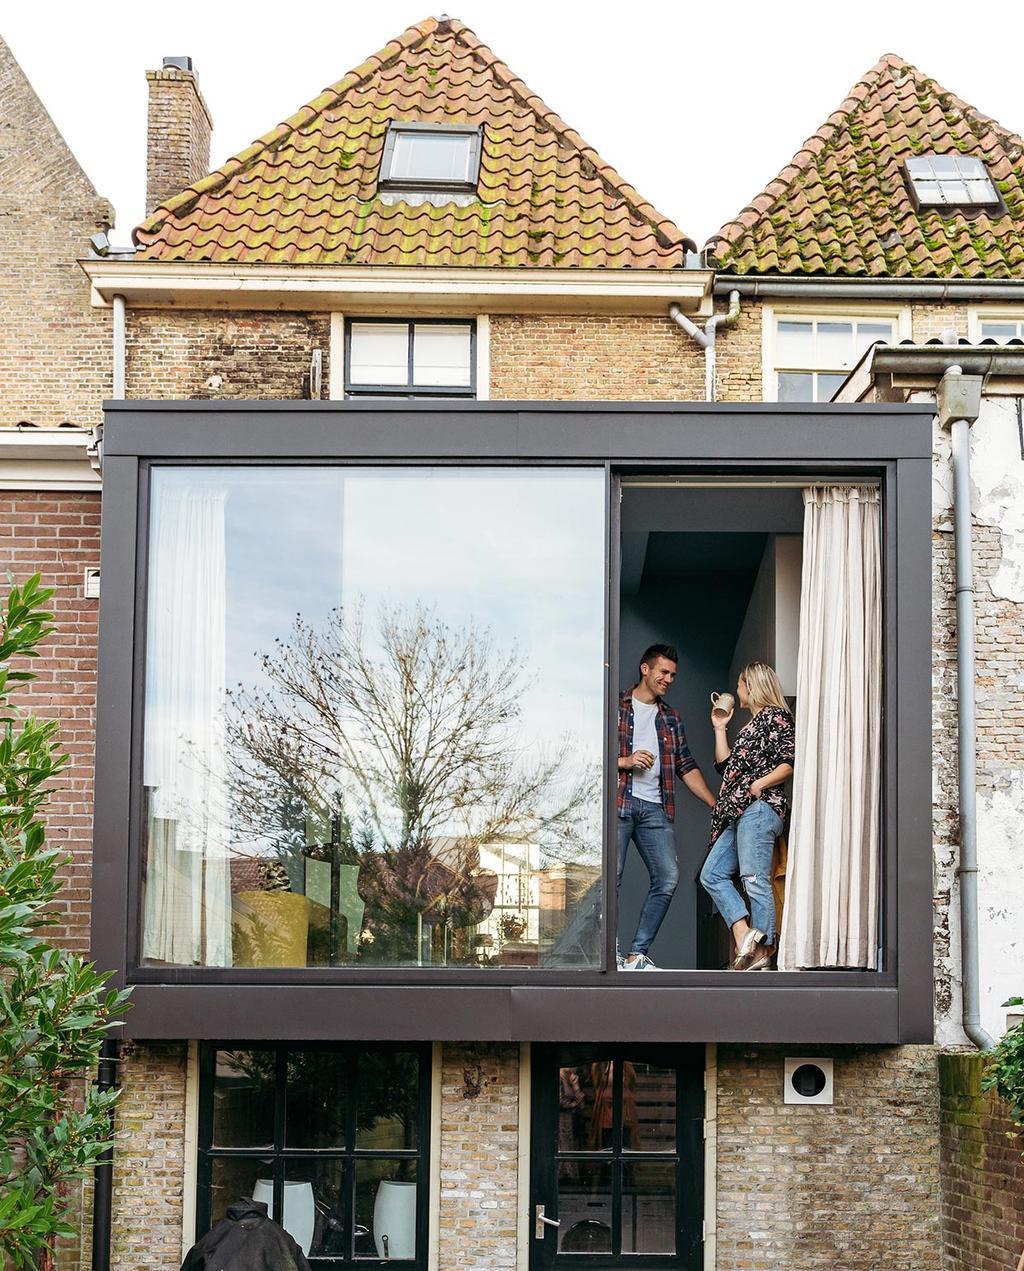 vtwonen 03-2021 | uitbouw van monumentenpand met groot raam